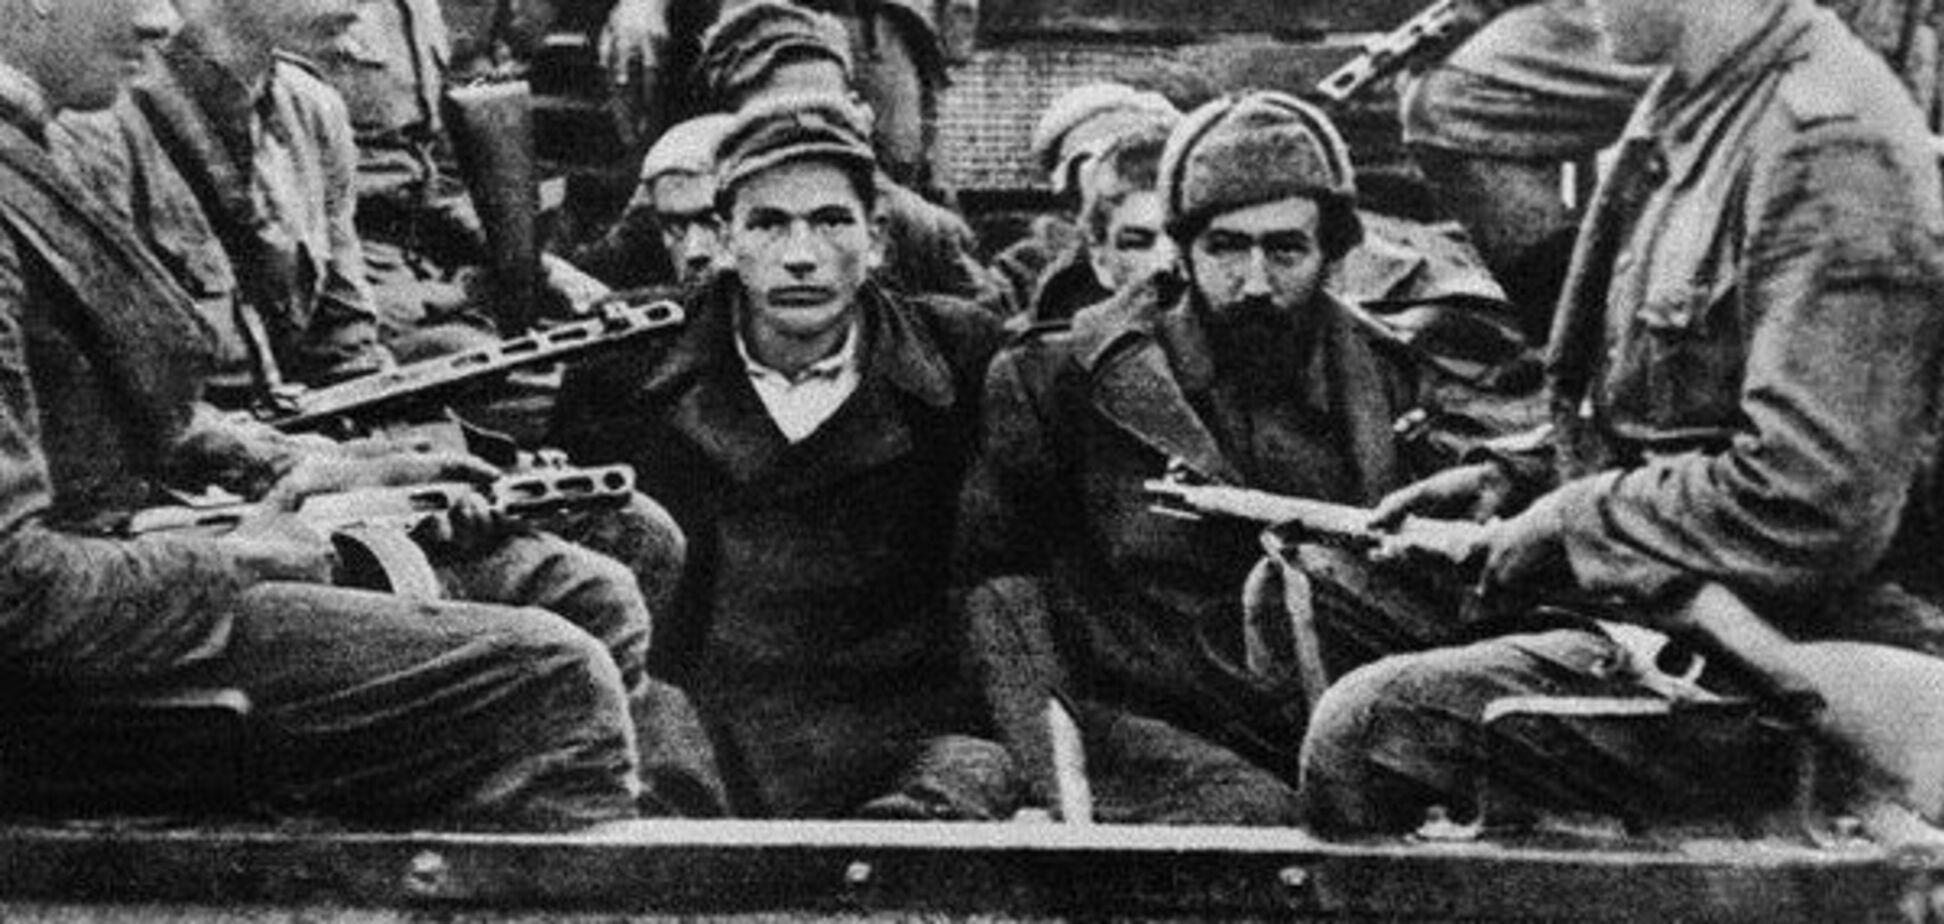 Операція 'Вісла': в Україні шанують жертв кривавої бійні польських комуністів